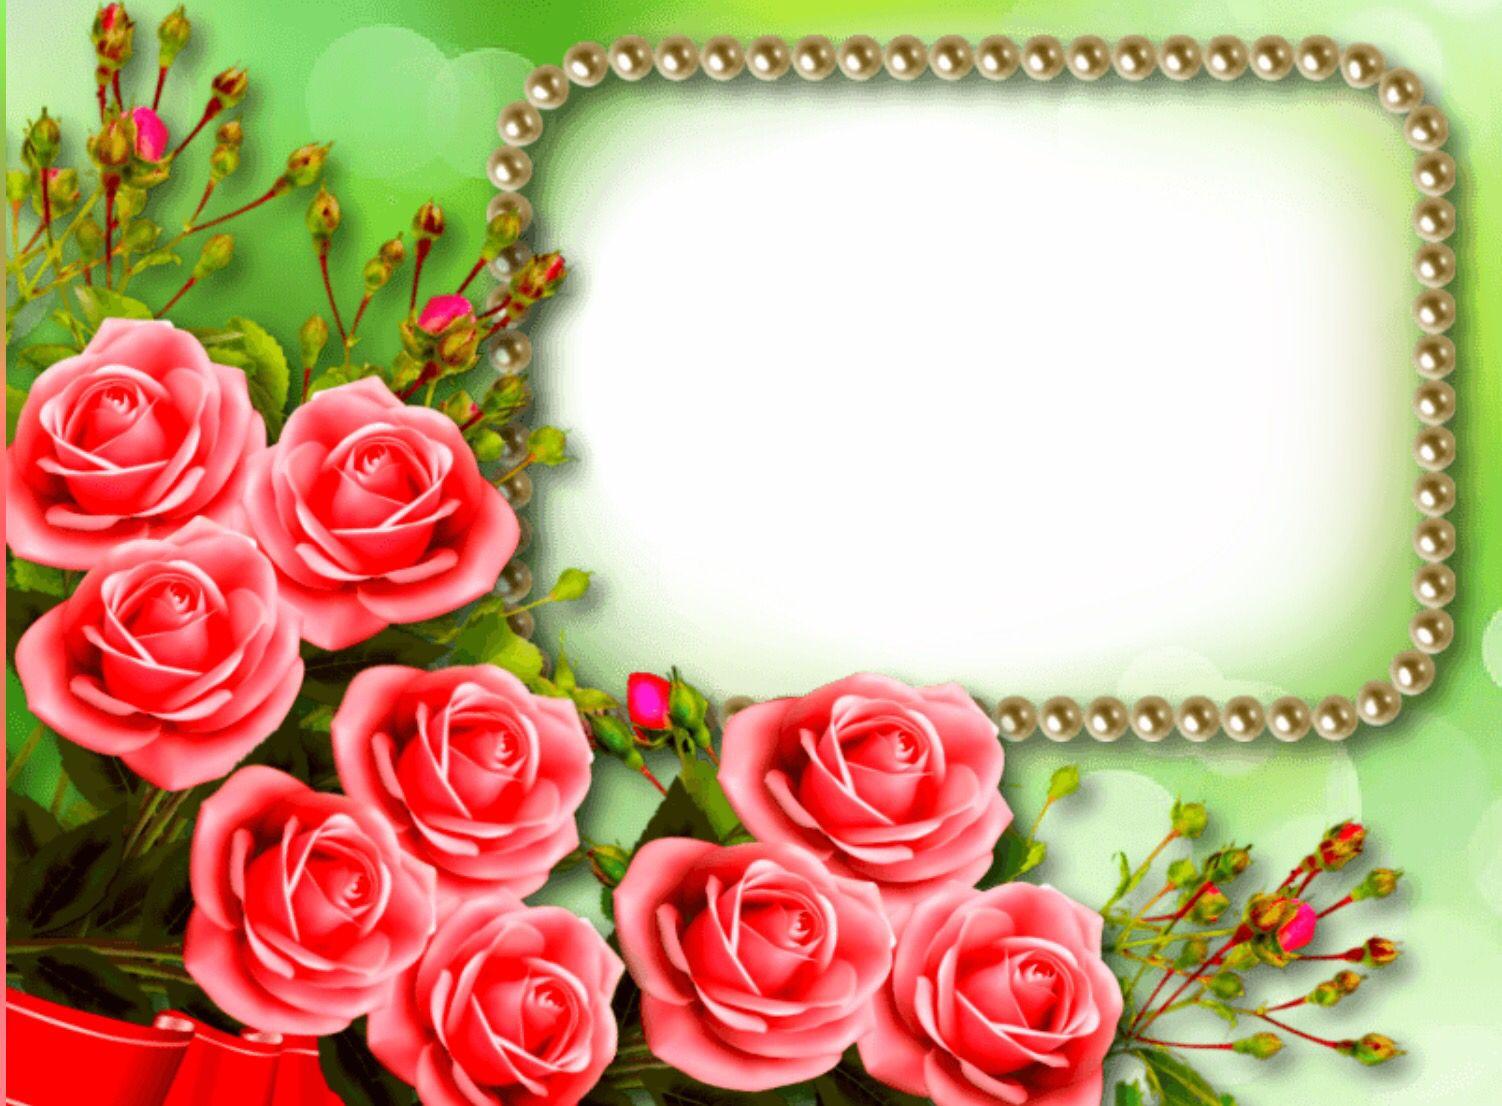 Happy birthday | W. Frame birthday wishes | Pinterest | Happy ...